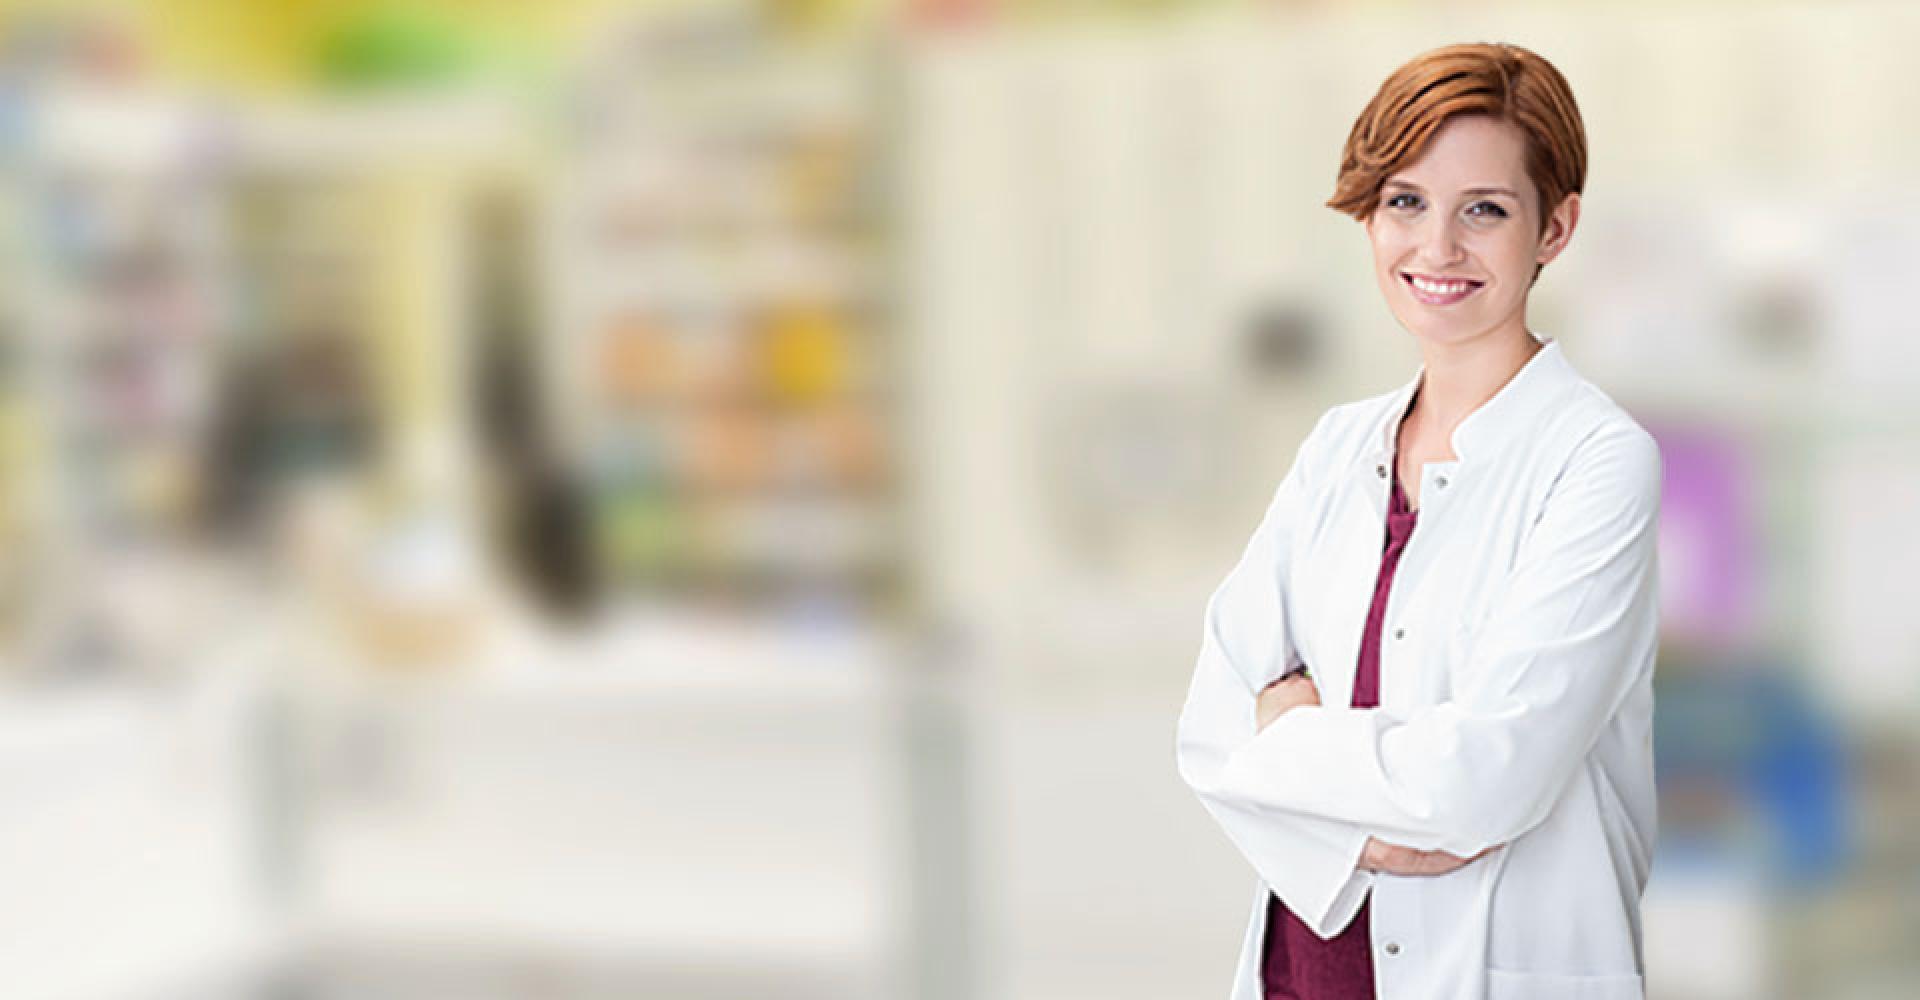 Gemütlich Lebenslauf Für Apotheker Assistent Bilder - Entry Level ...